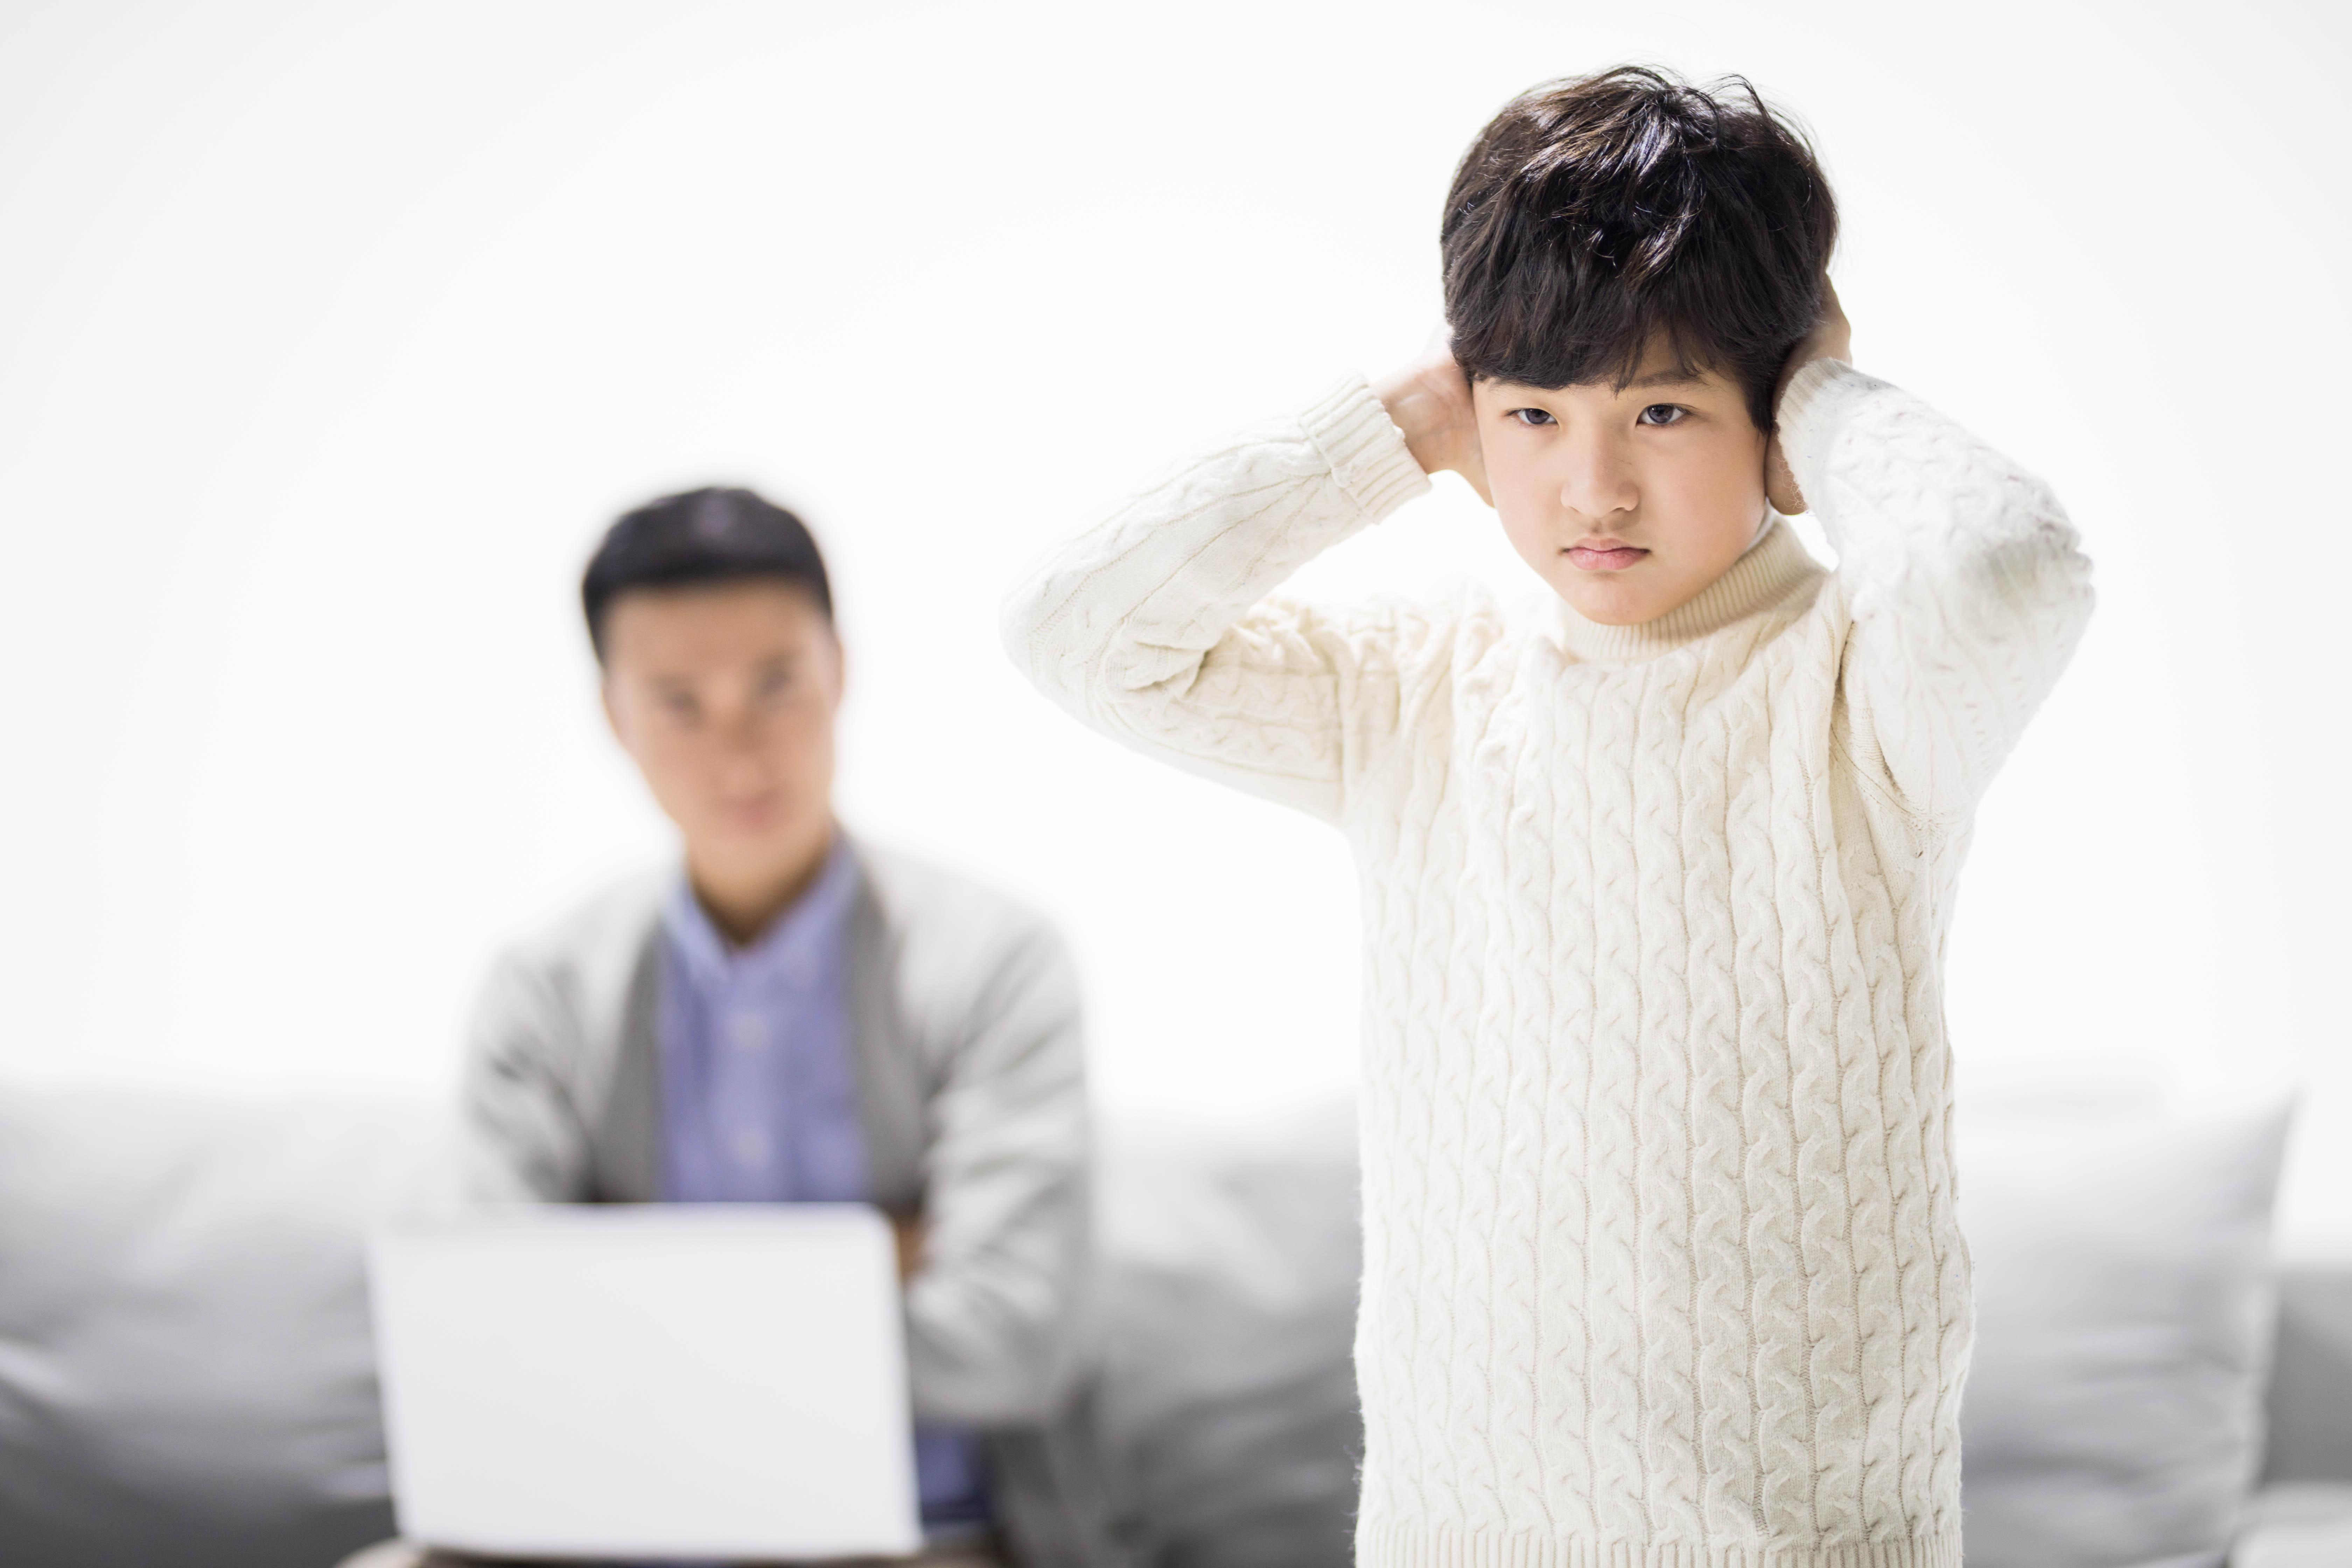 成都自闭症儿童康复机构